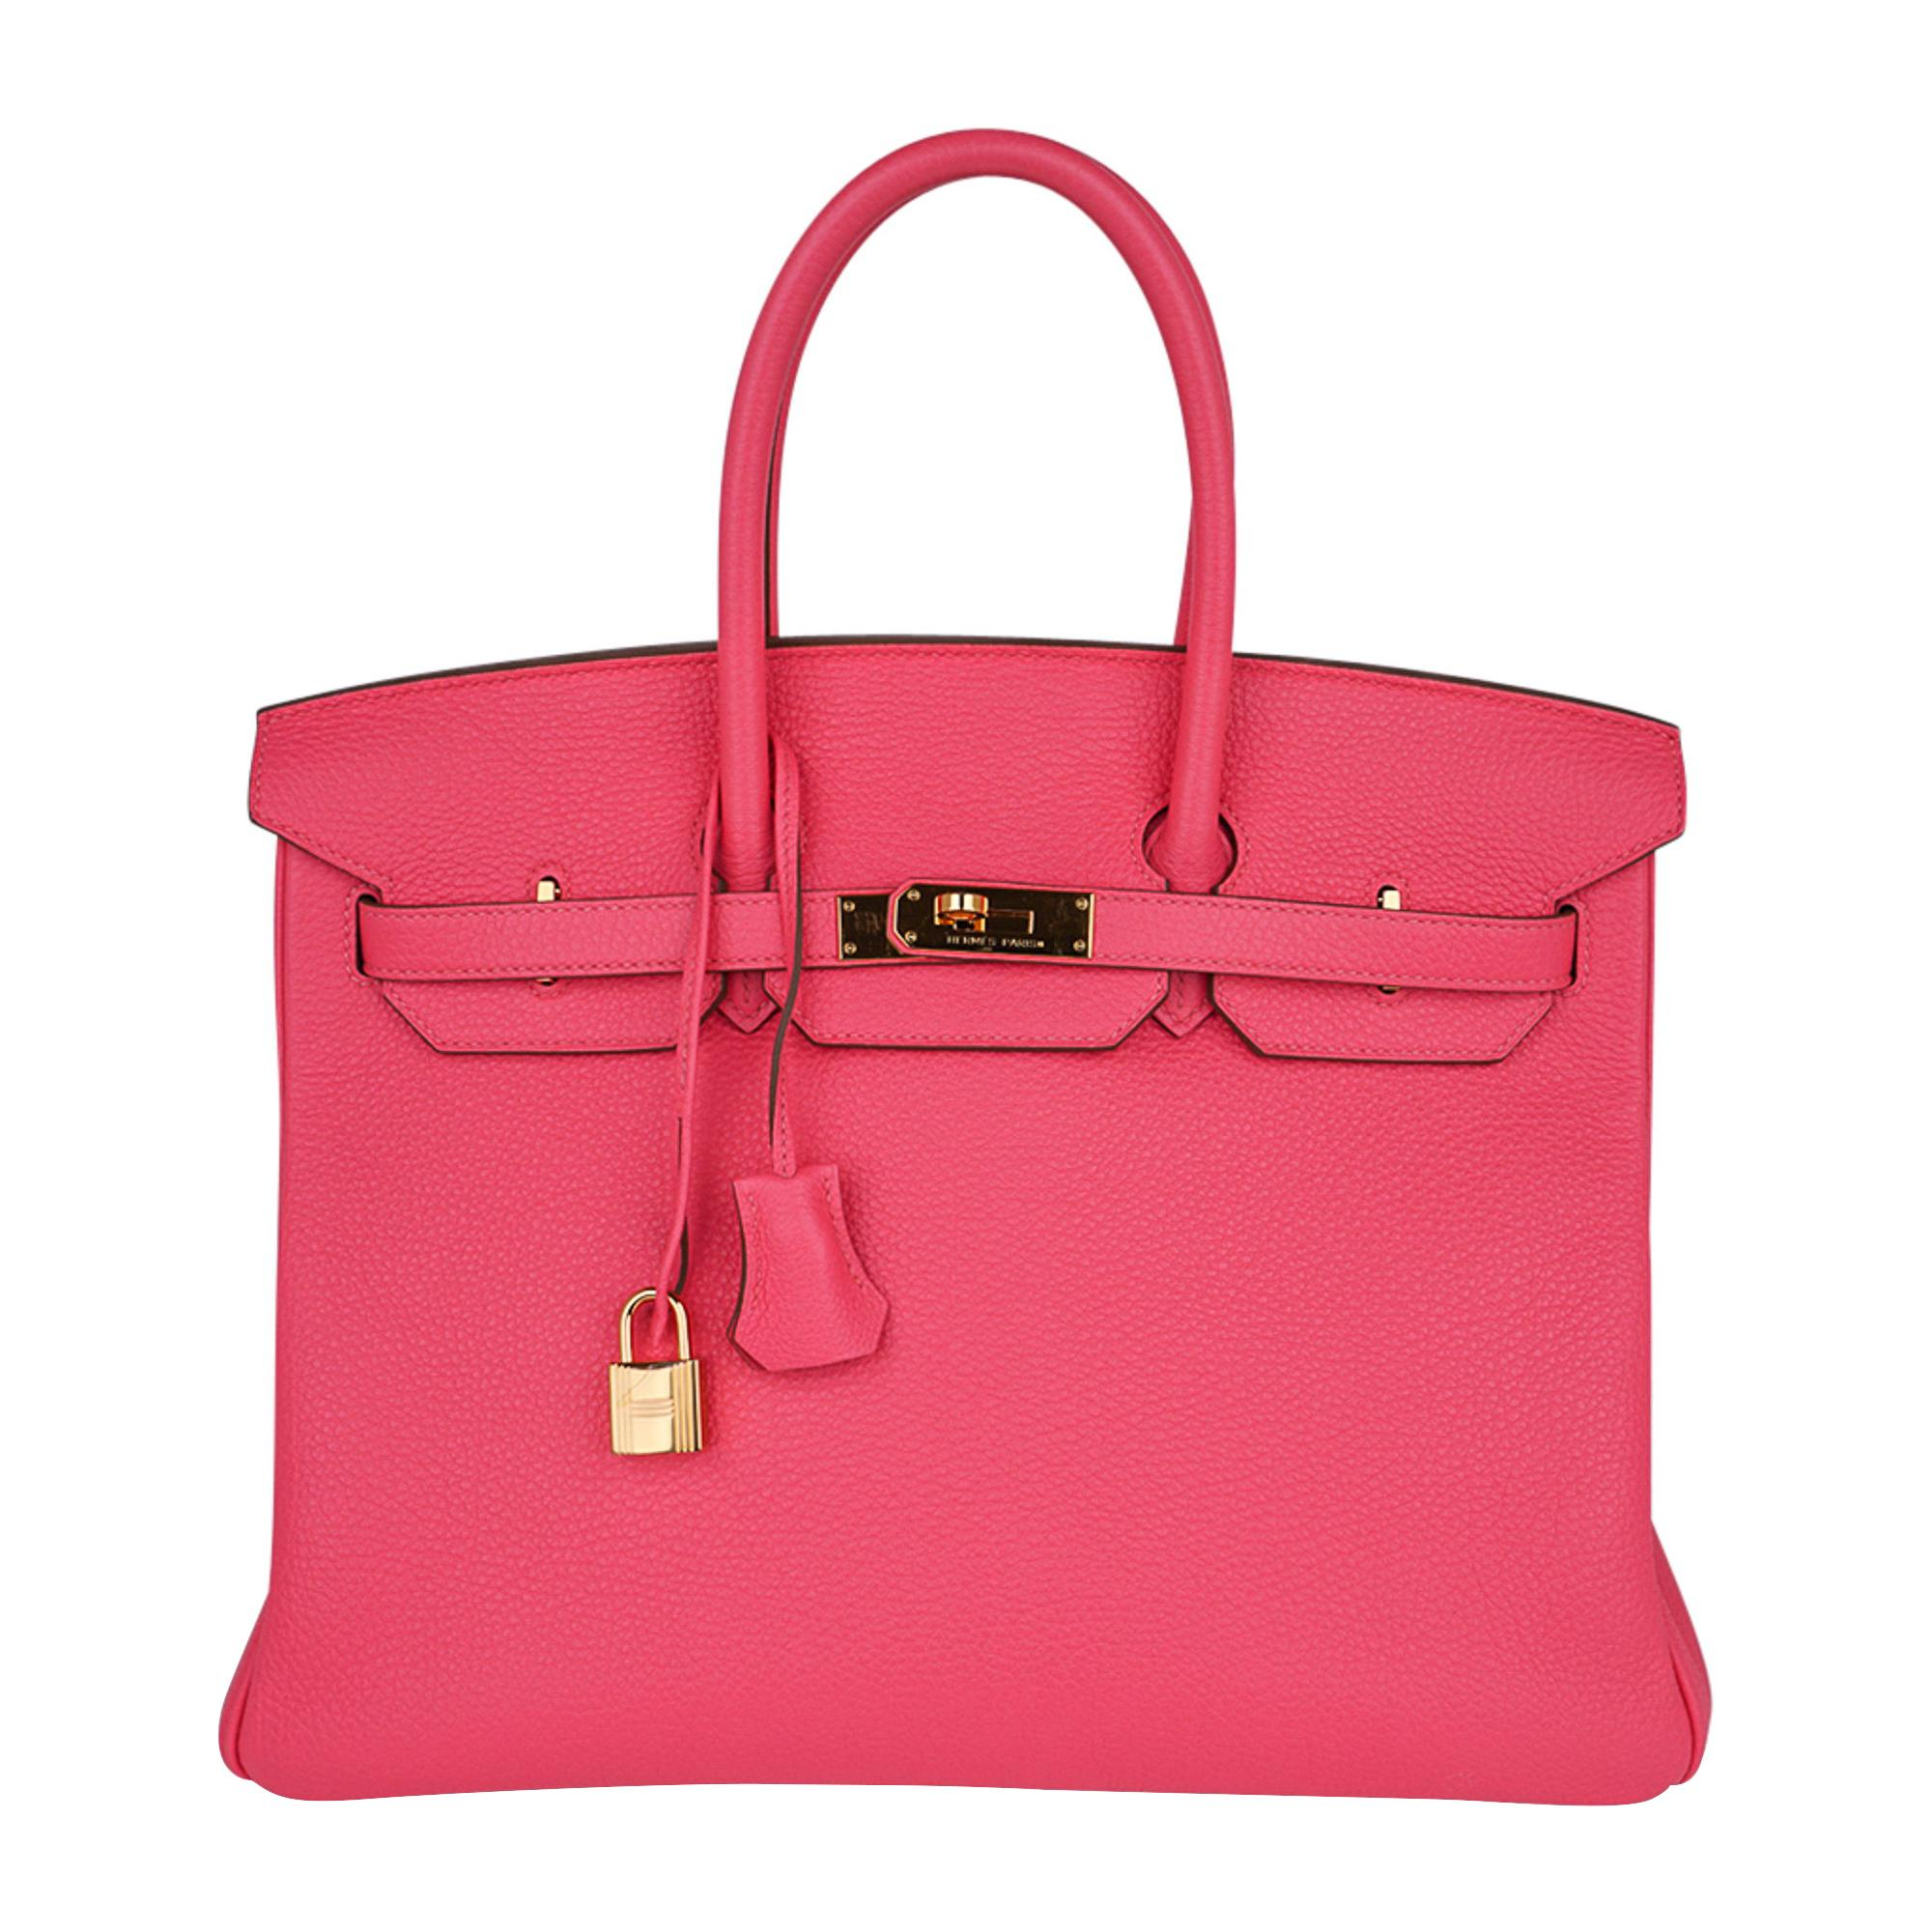 Hermes Birkin 35 Bag Pink Rose Lipstick Togo Gold Hardware